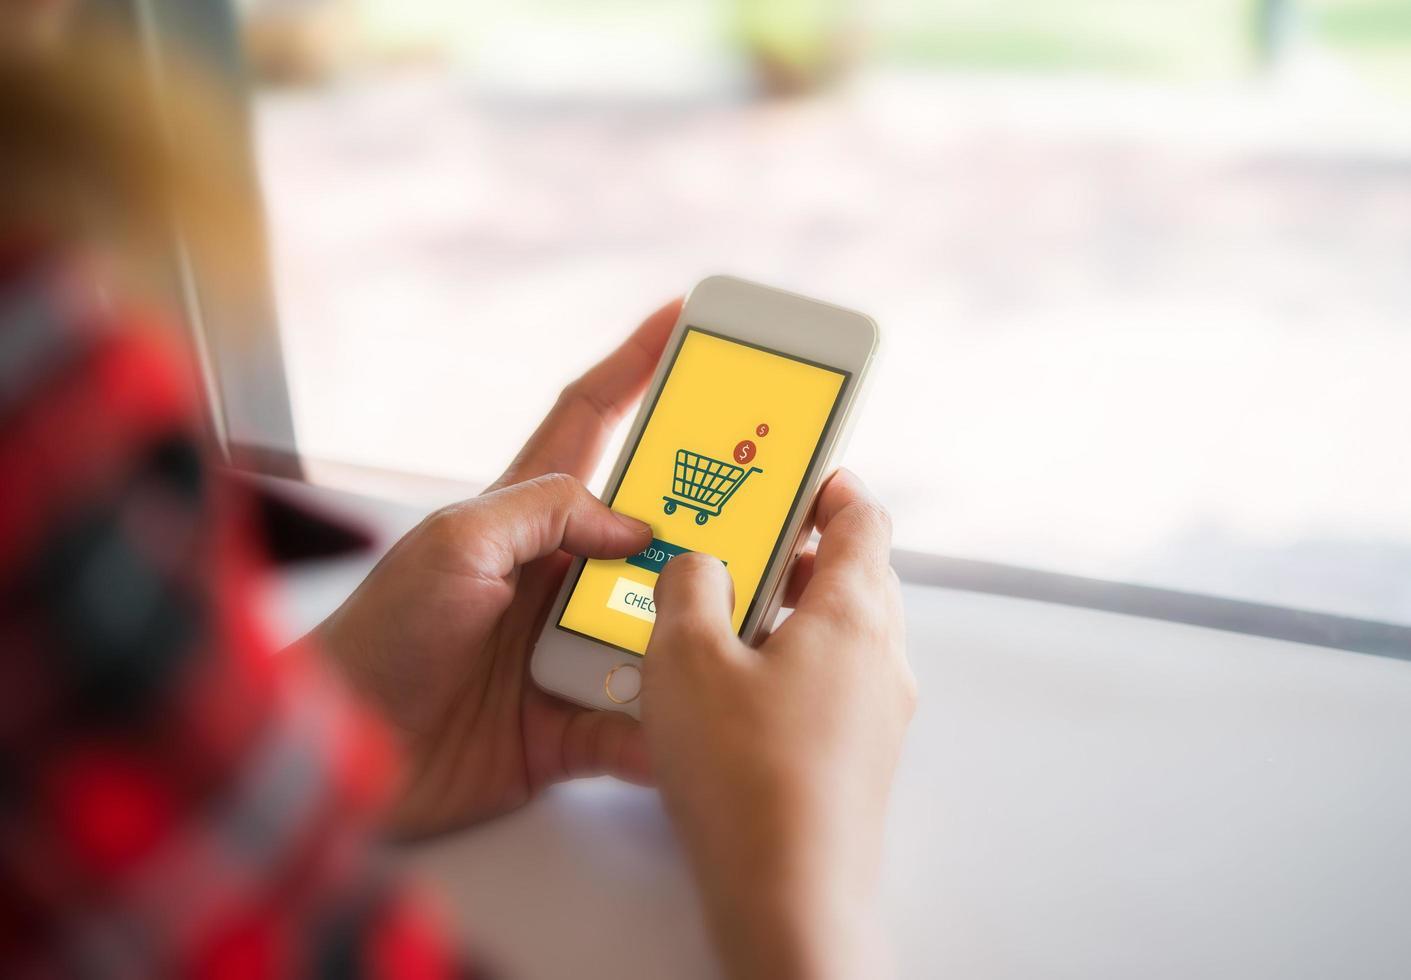 achats en ligne sur smartphone photo